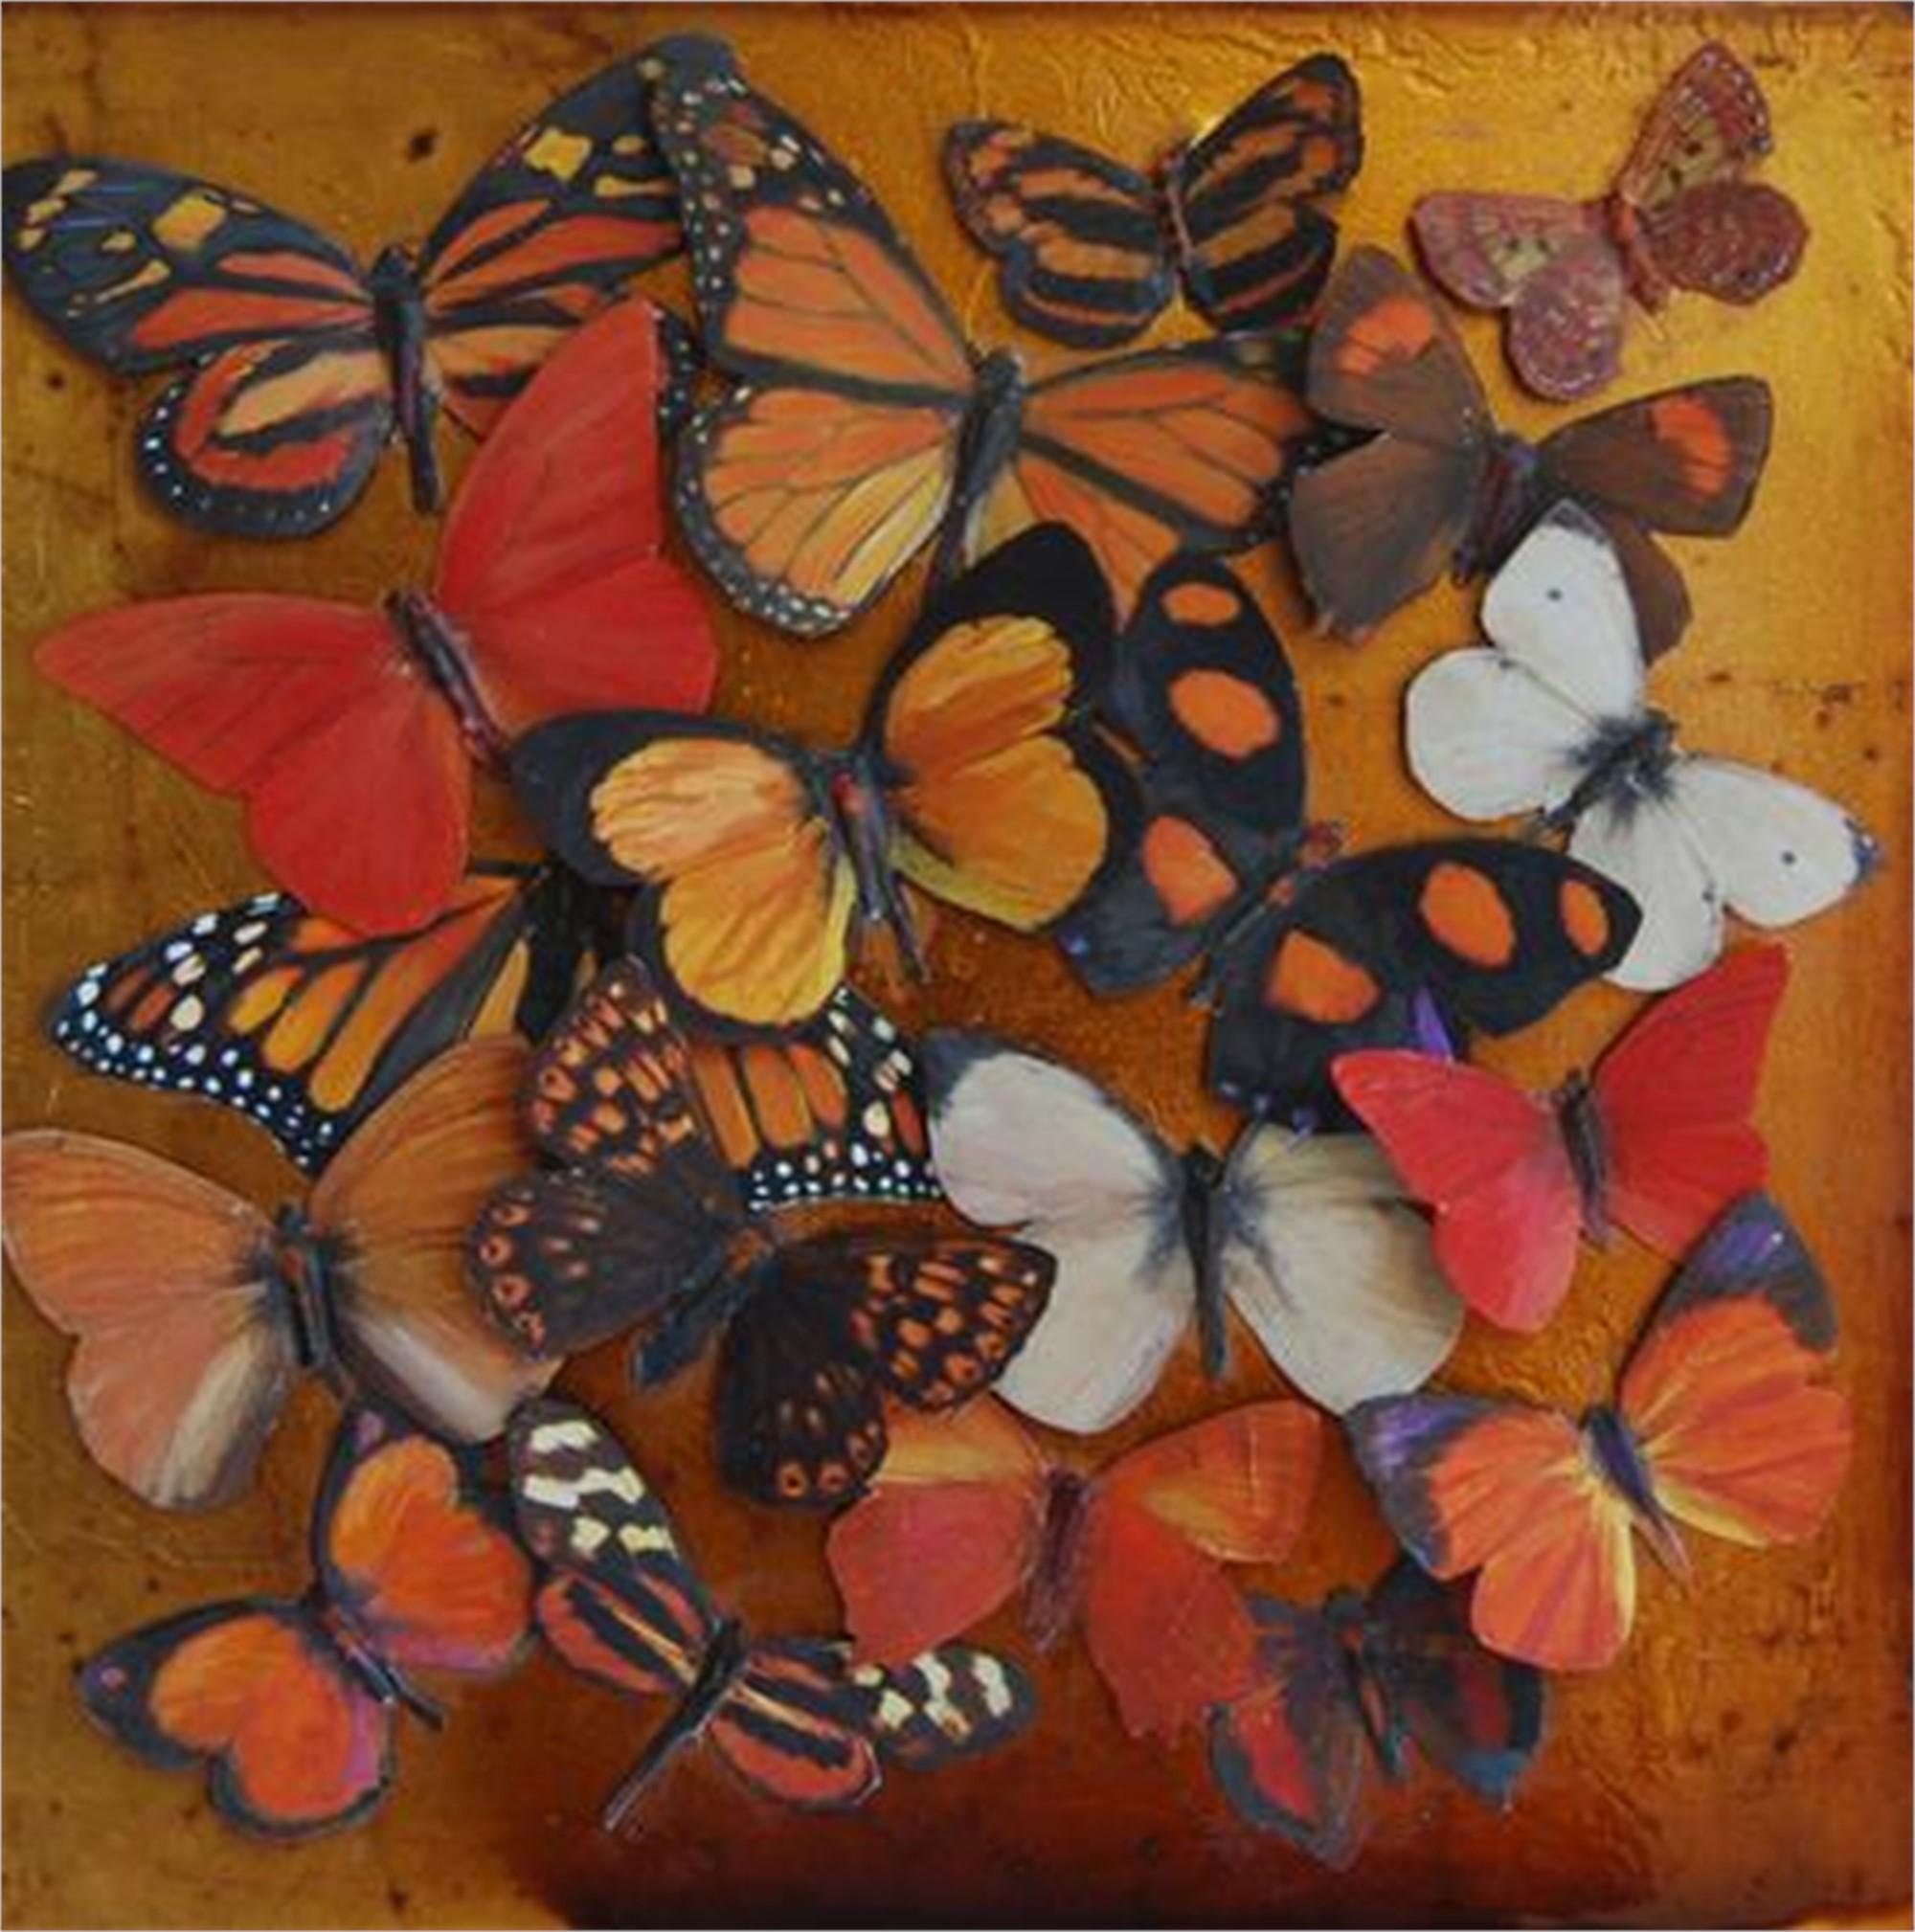 Butterfly Spectrum - Orange by Shelly Bartek